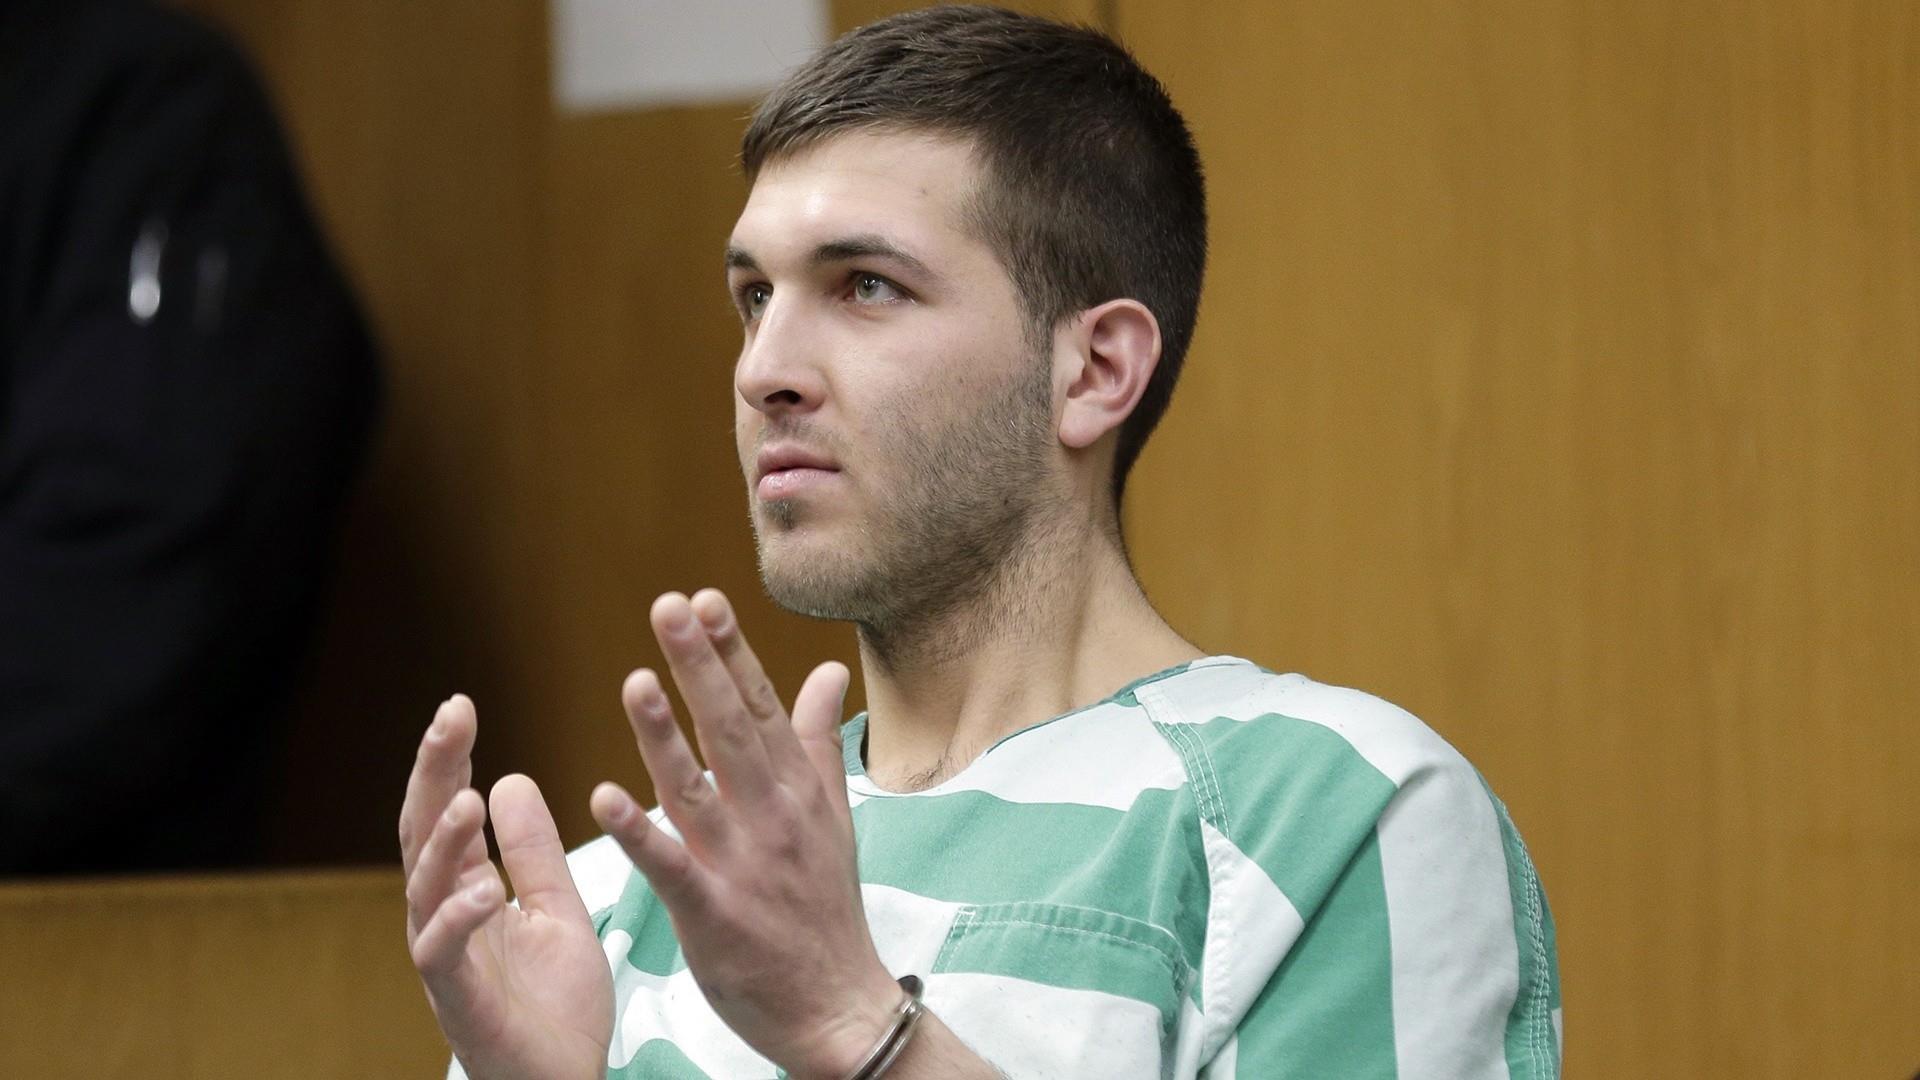 Frank Cali murder suspect in court with Trump slogans written on hand